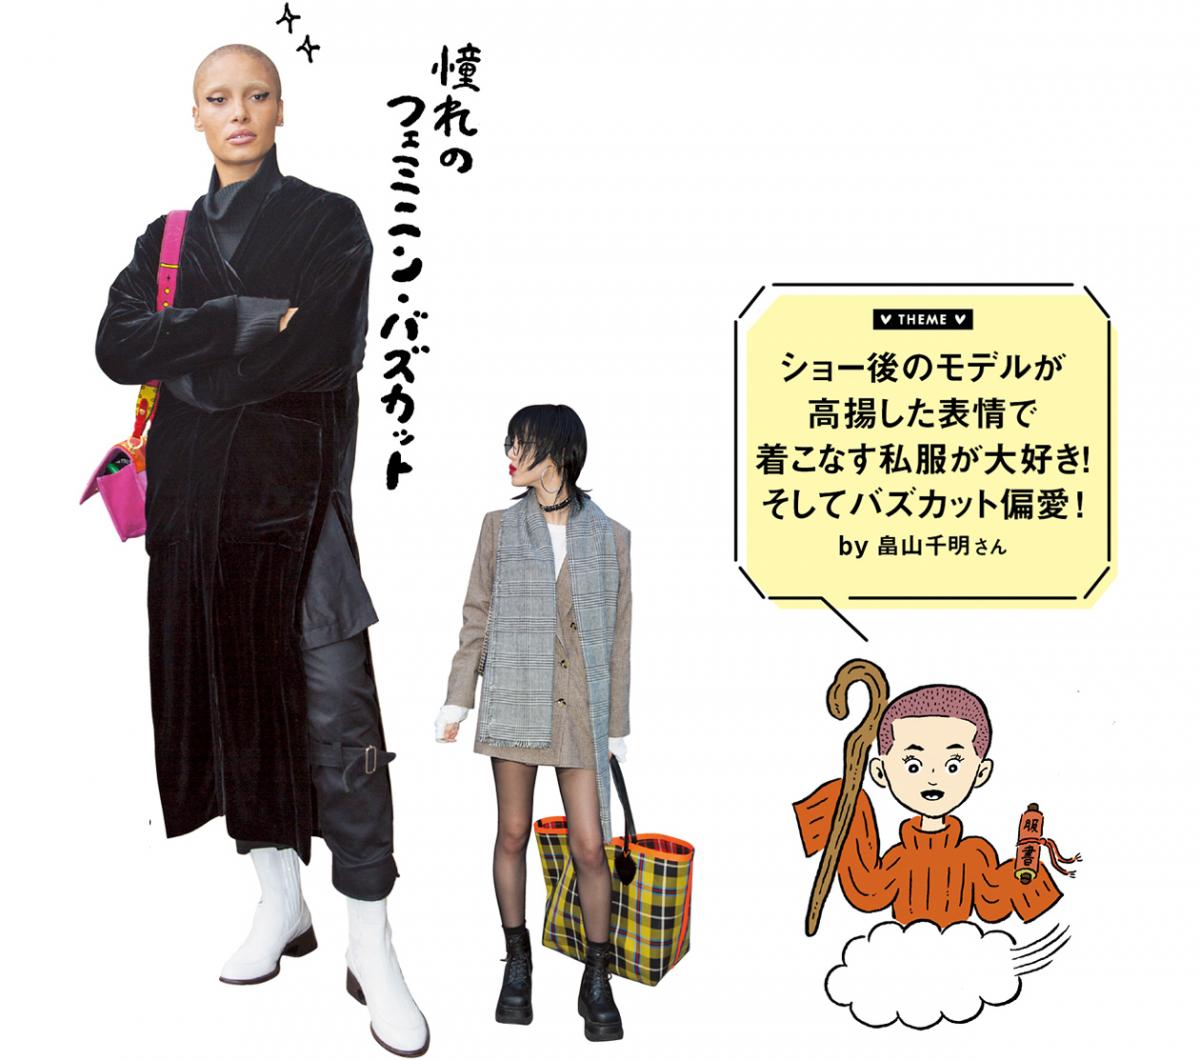 ショー後のモデルが高揚した表情で着こなす私服が大好き!そしてバズカット偏愛! by 畠山千明さん